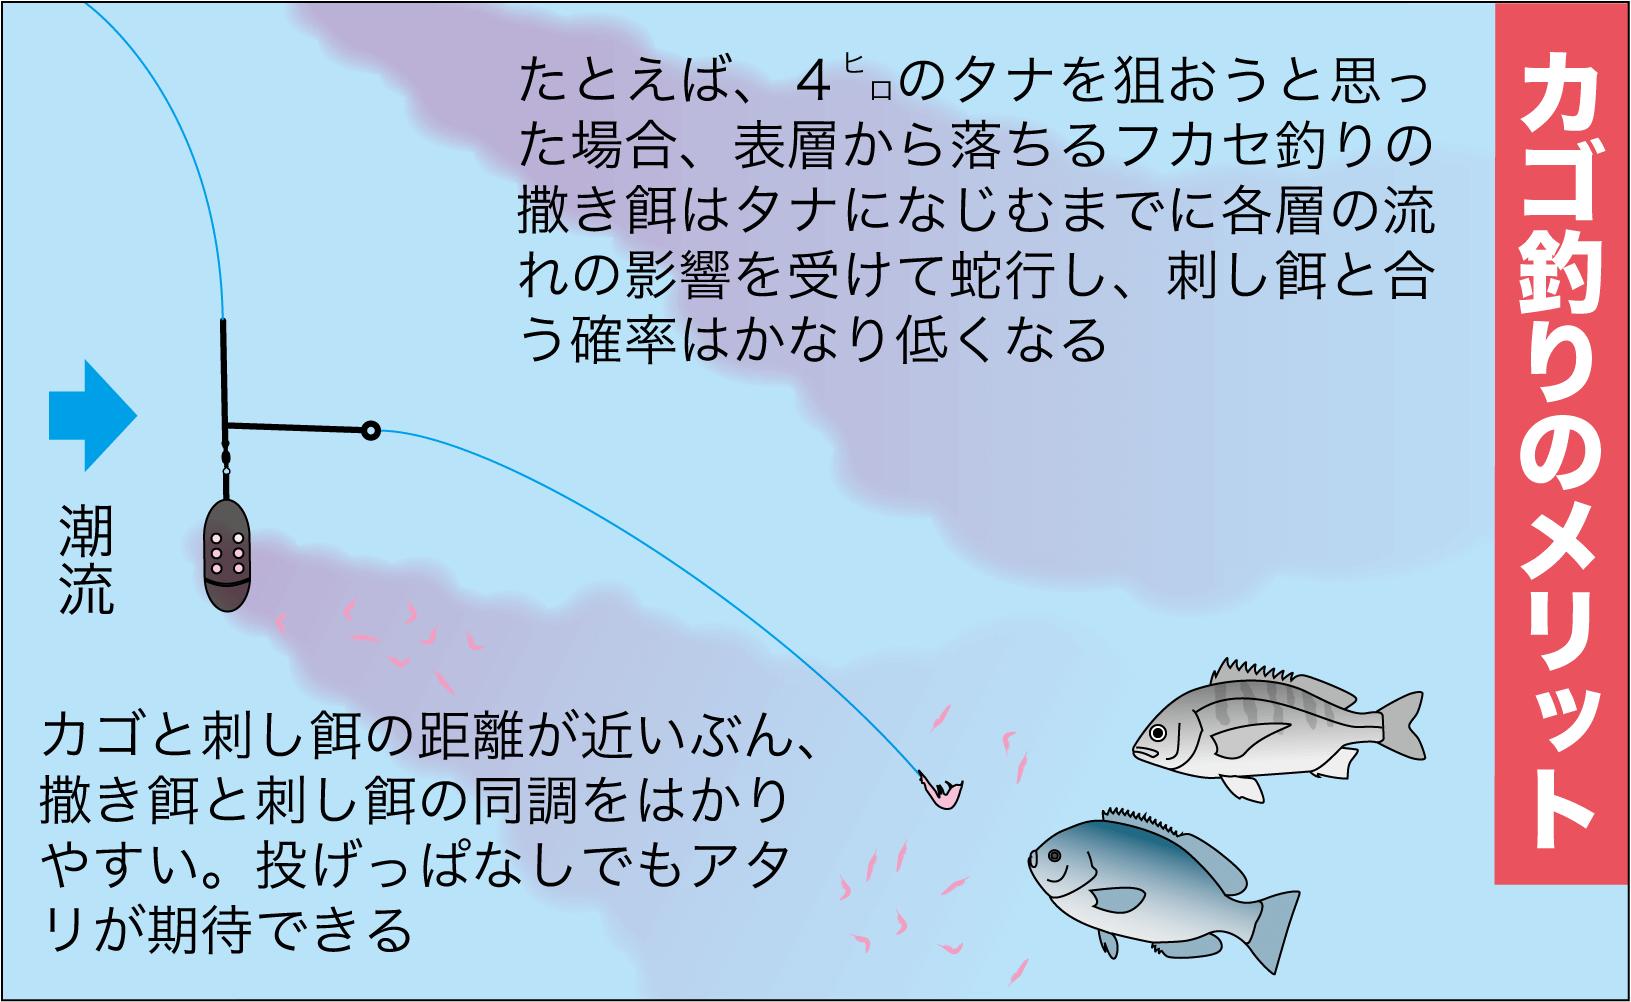 七里御浜カゴ釣り17